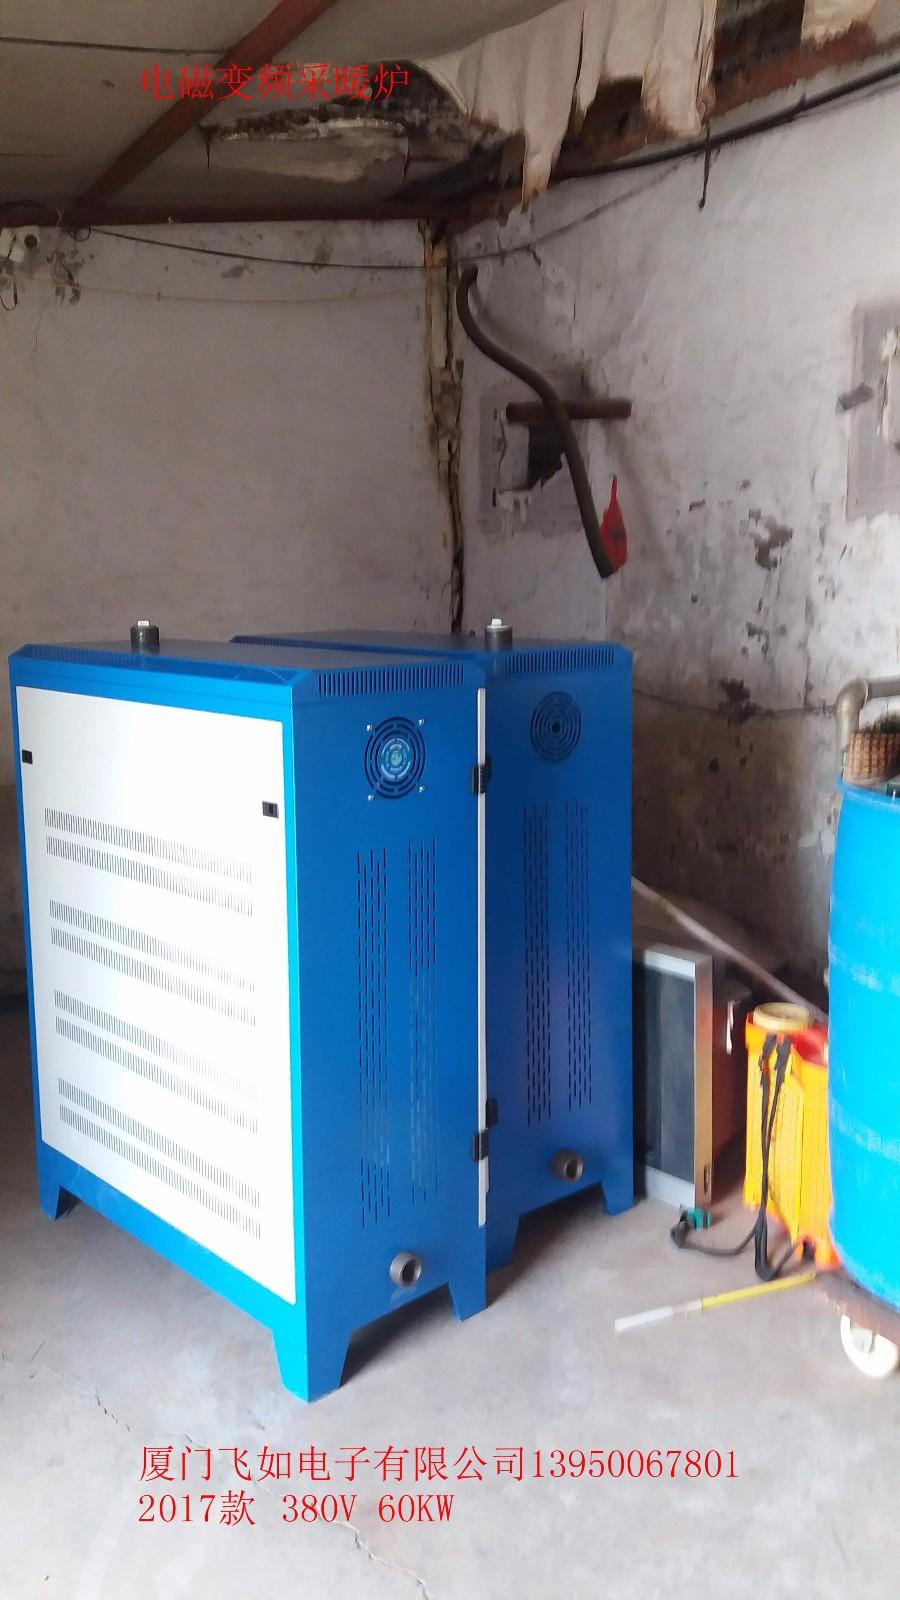 电磁采暖炉220V10KW